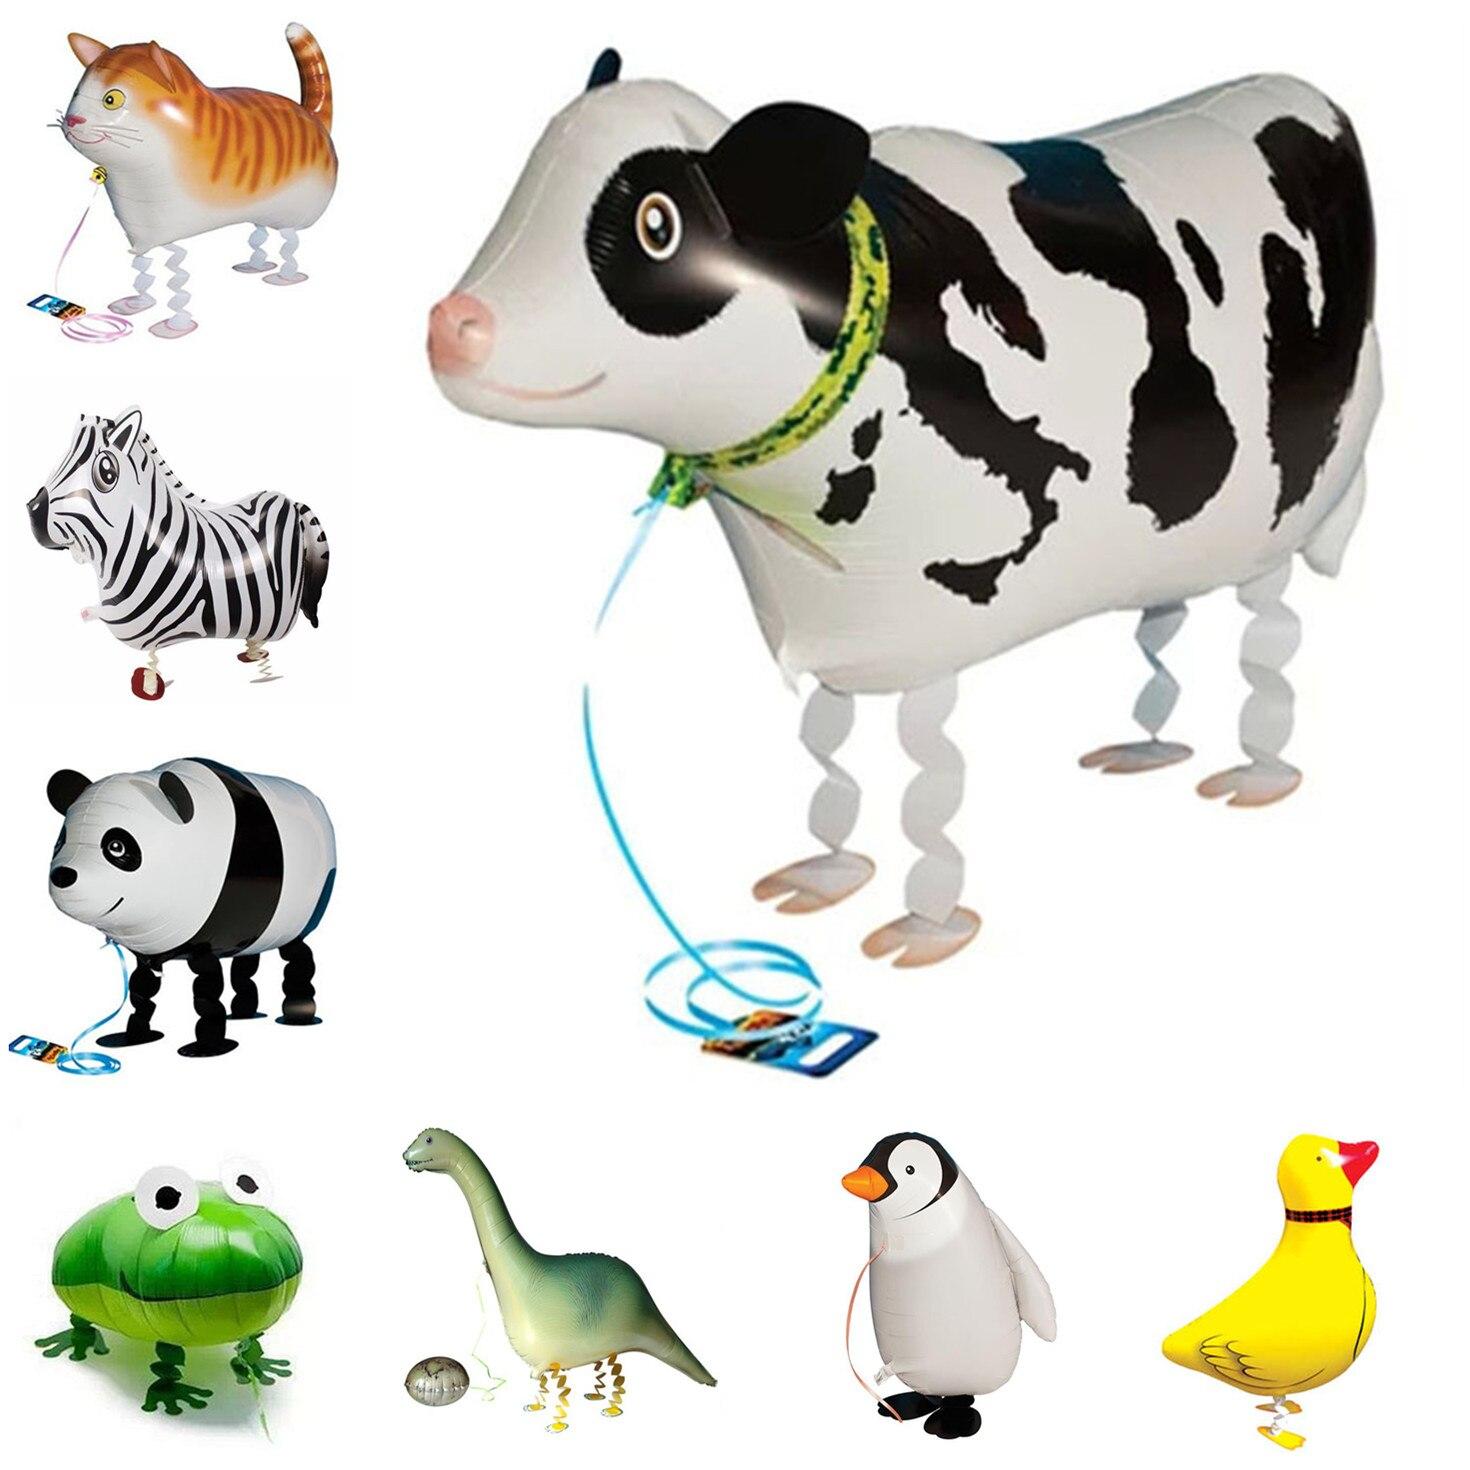 Ходячие животные, воздушный шар из фольги, ходячий Кот, корова, лягушка, гелиевые шары, детский праздник для будущей матери, детские игрушки